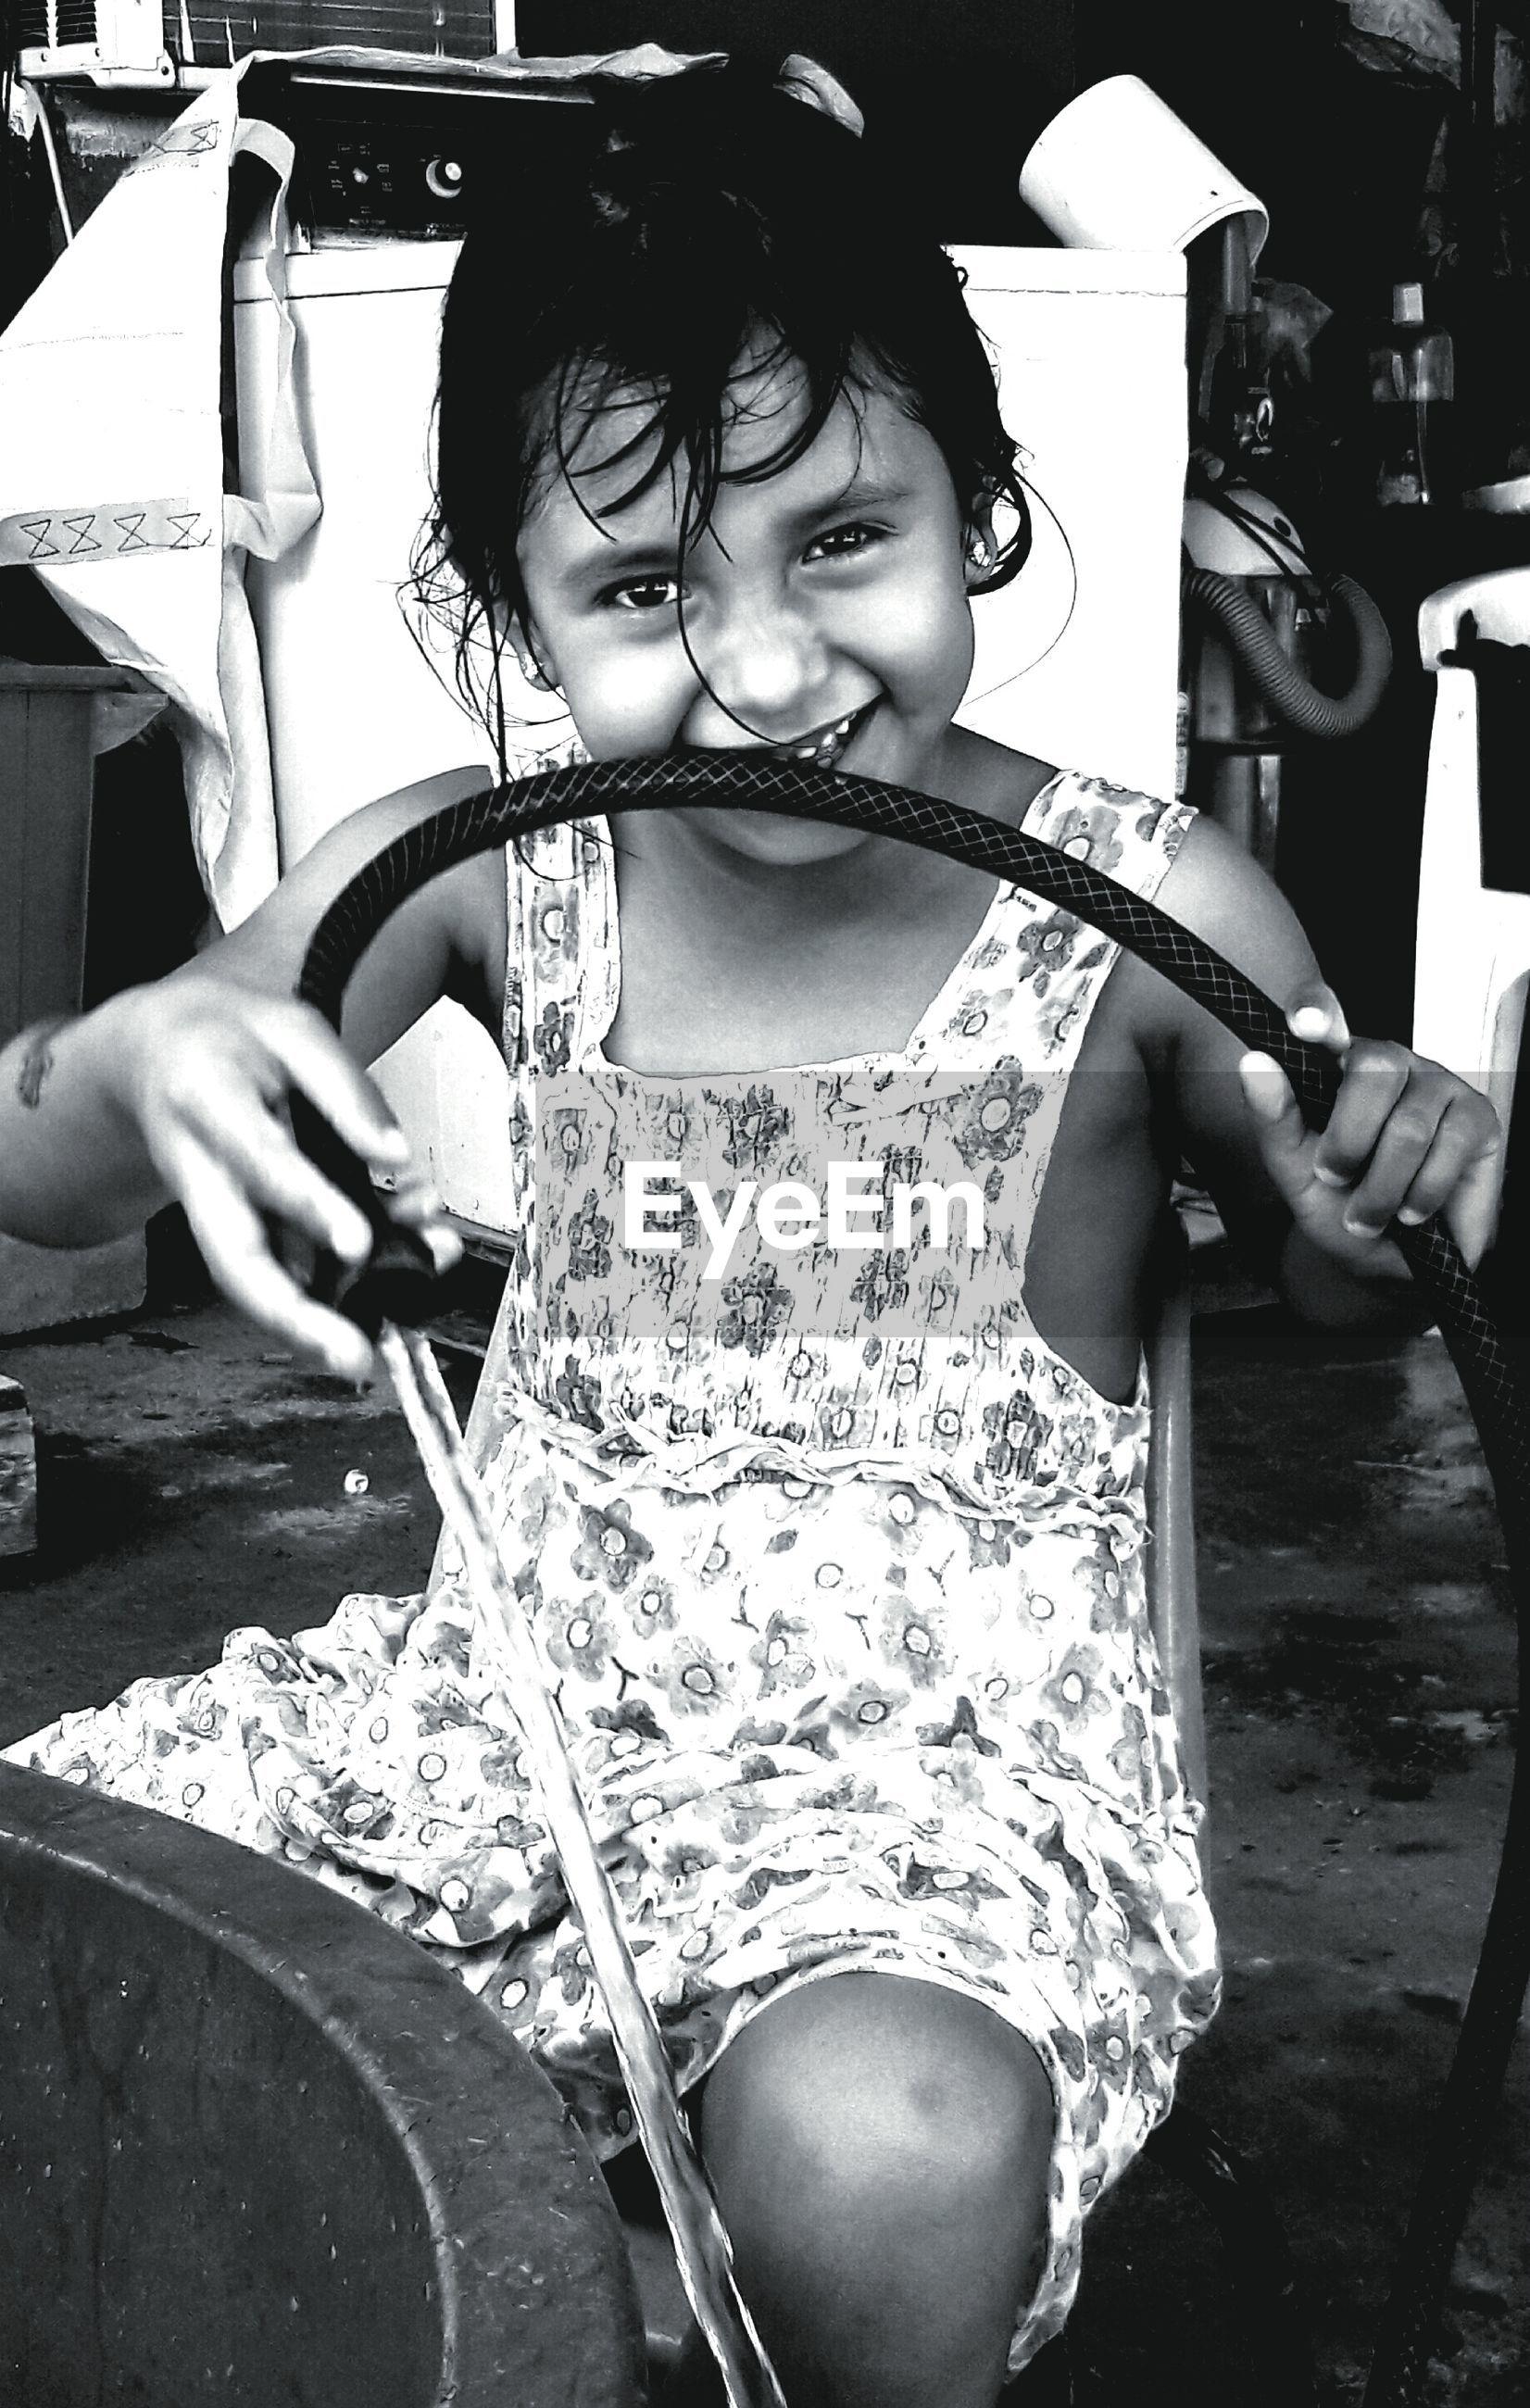 Portrait of smiling girl holding garden hose